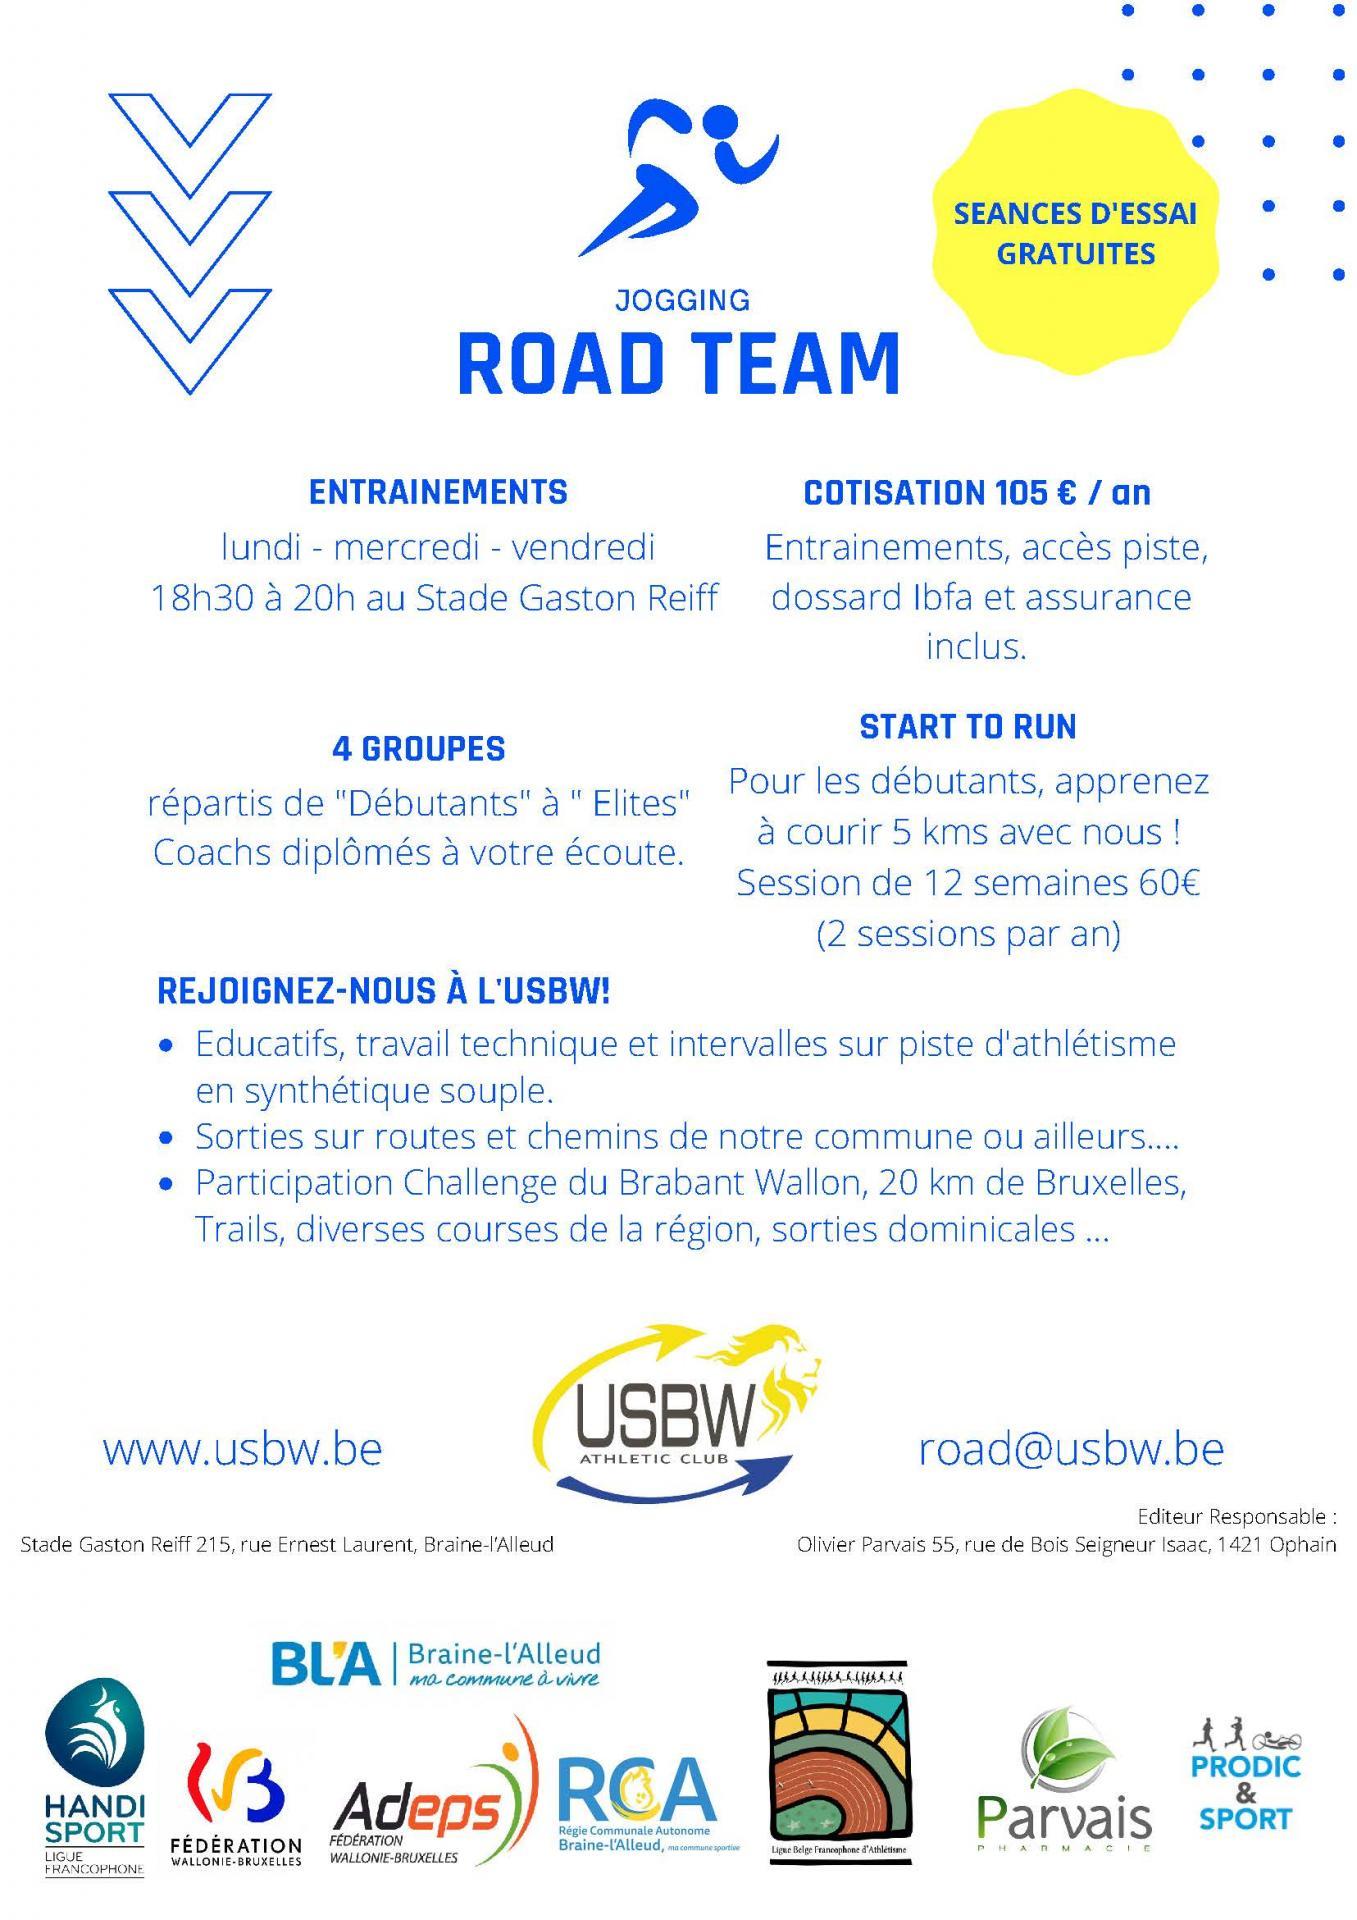 Roadteam usbw 270721 v3 page 2